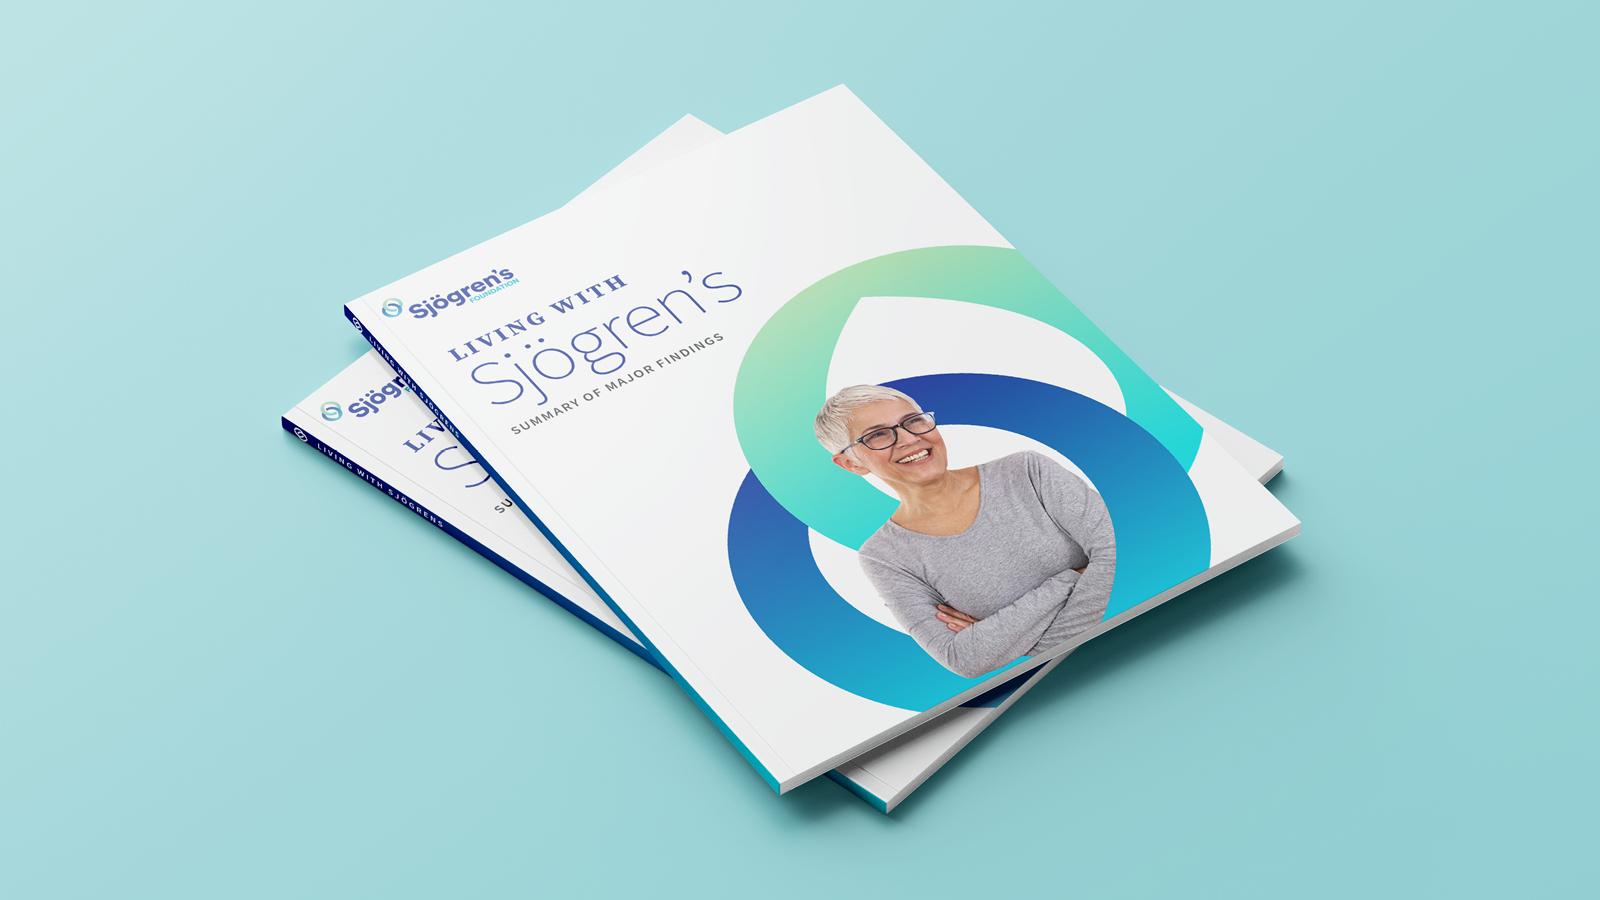 Sjögren's Foundation report